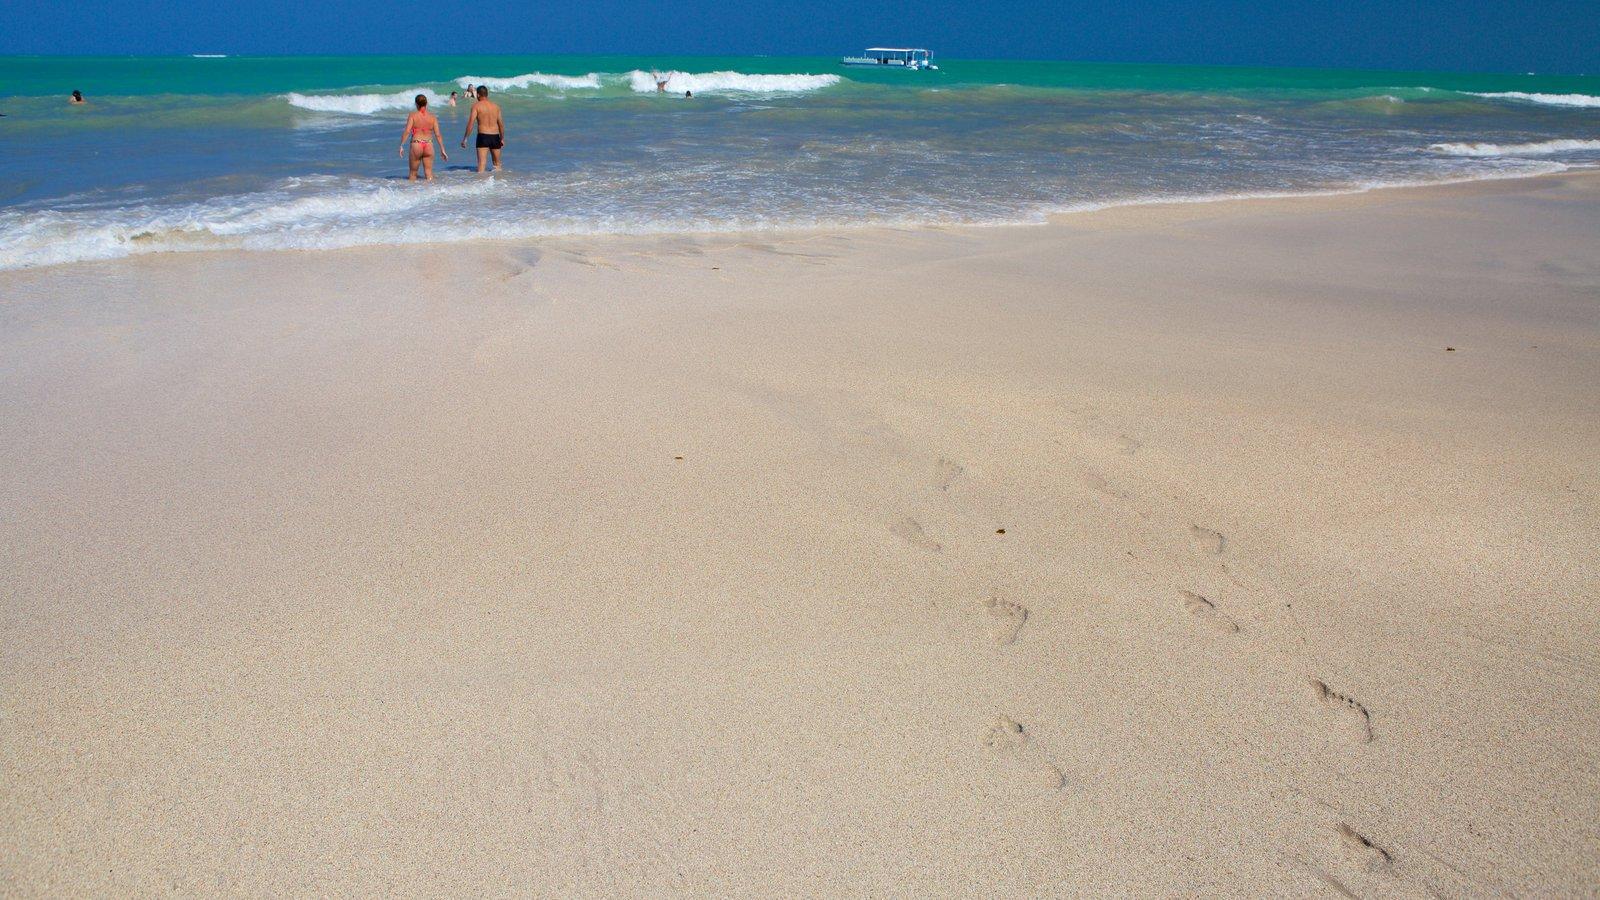 Praia de Ipioca que inclui natação, surfe e uma praia